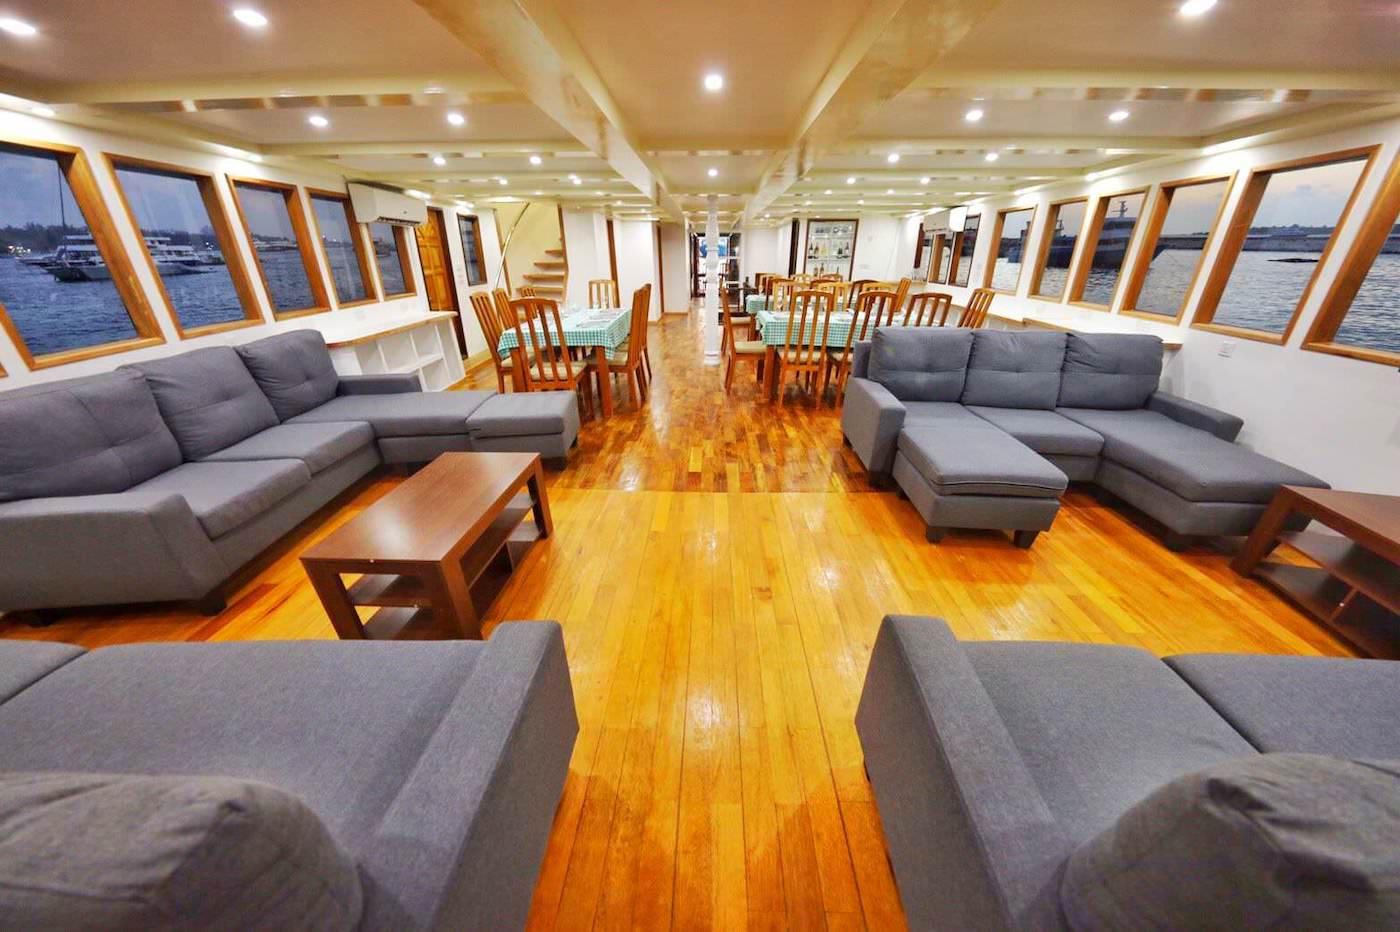 Maldives Legend 1 Surfcharter Boat Lounge and Dining